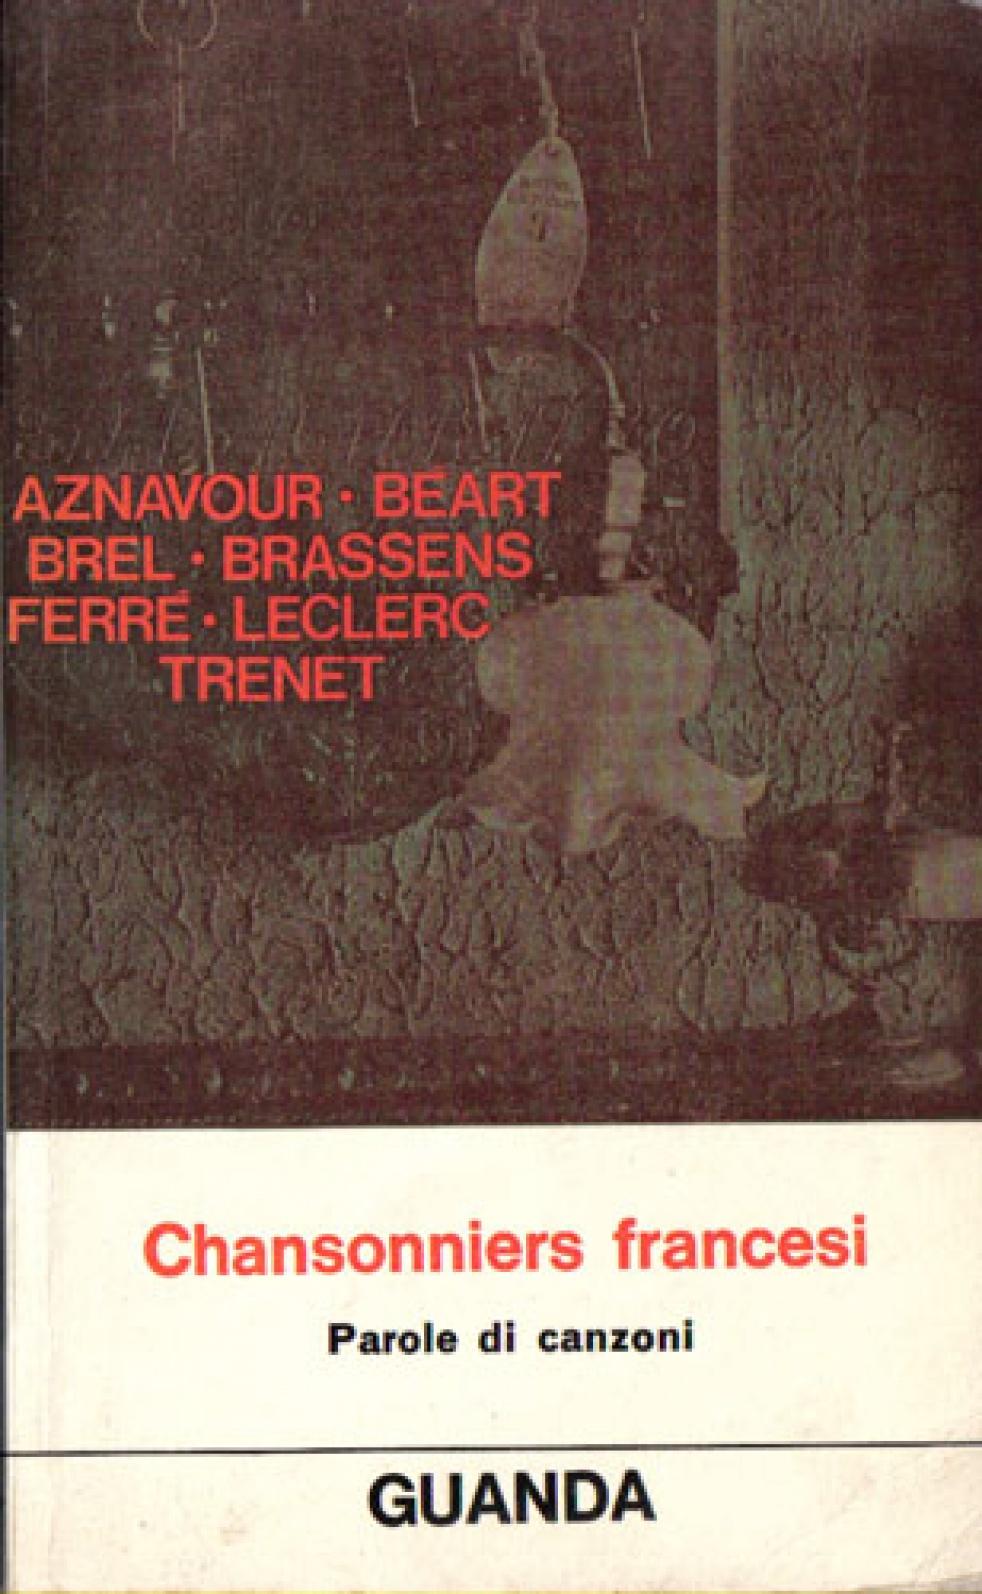 GIi chansonniers fancesi - immagine di copertina dello show